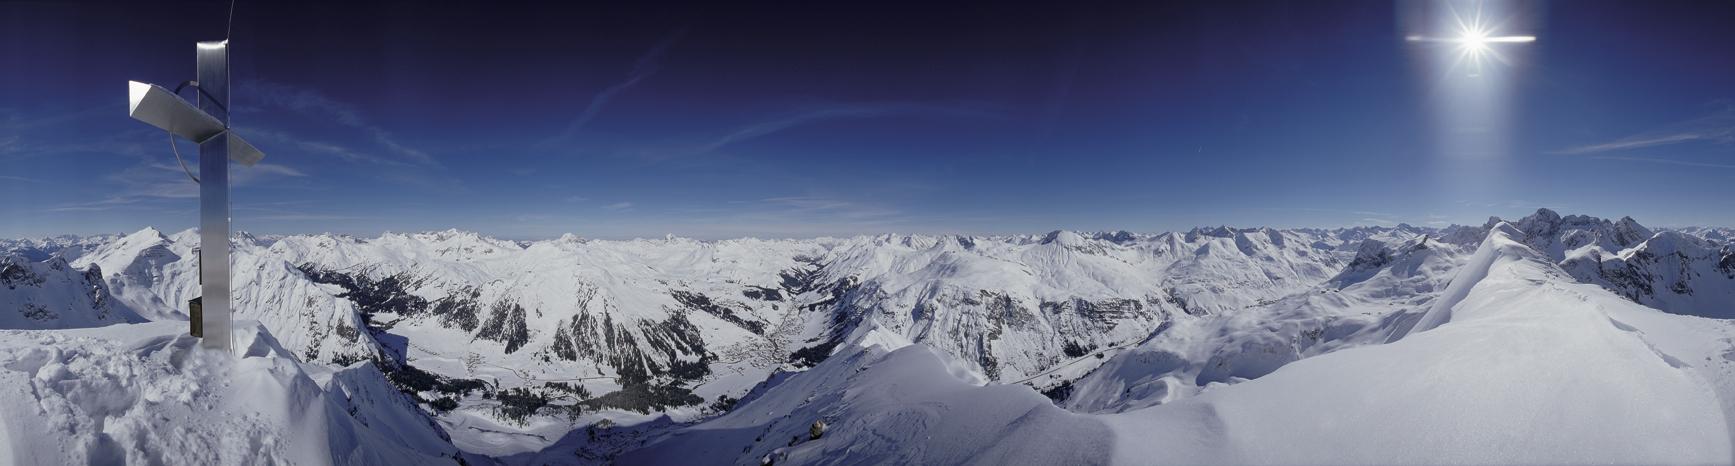 Gipfelkreuz im Schnee